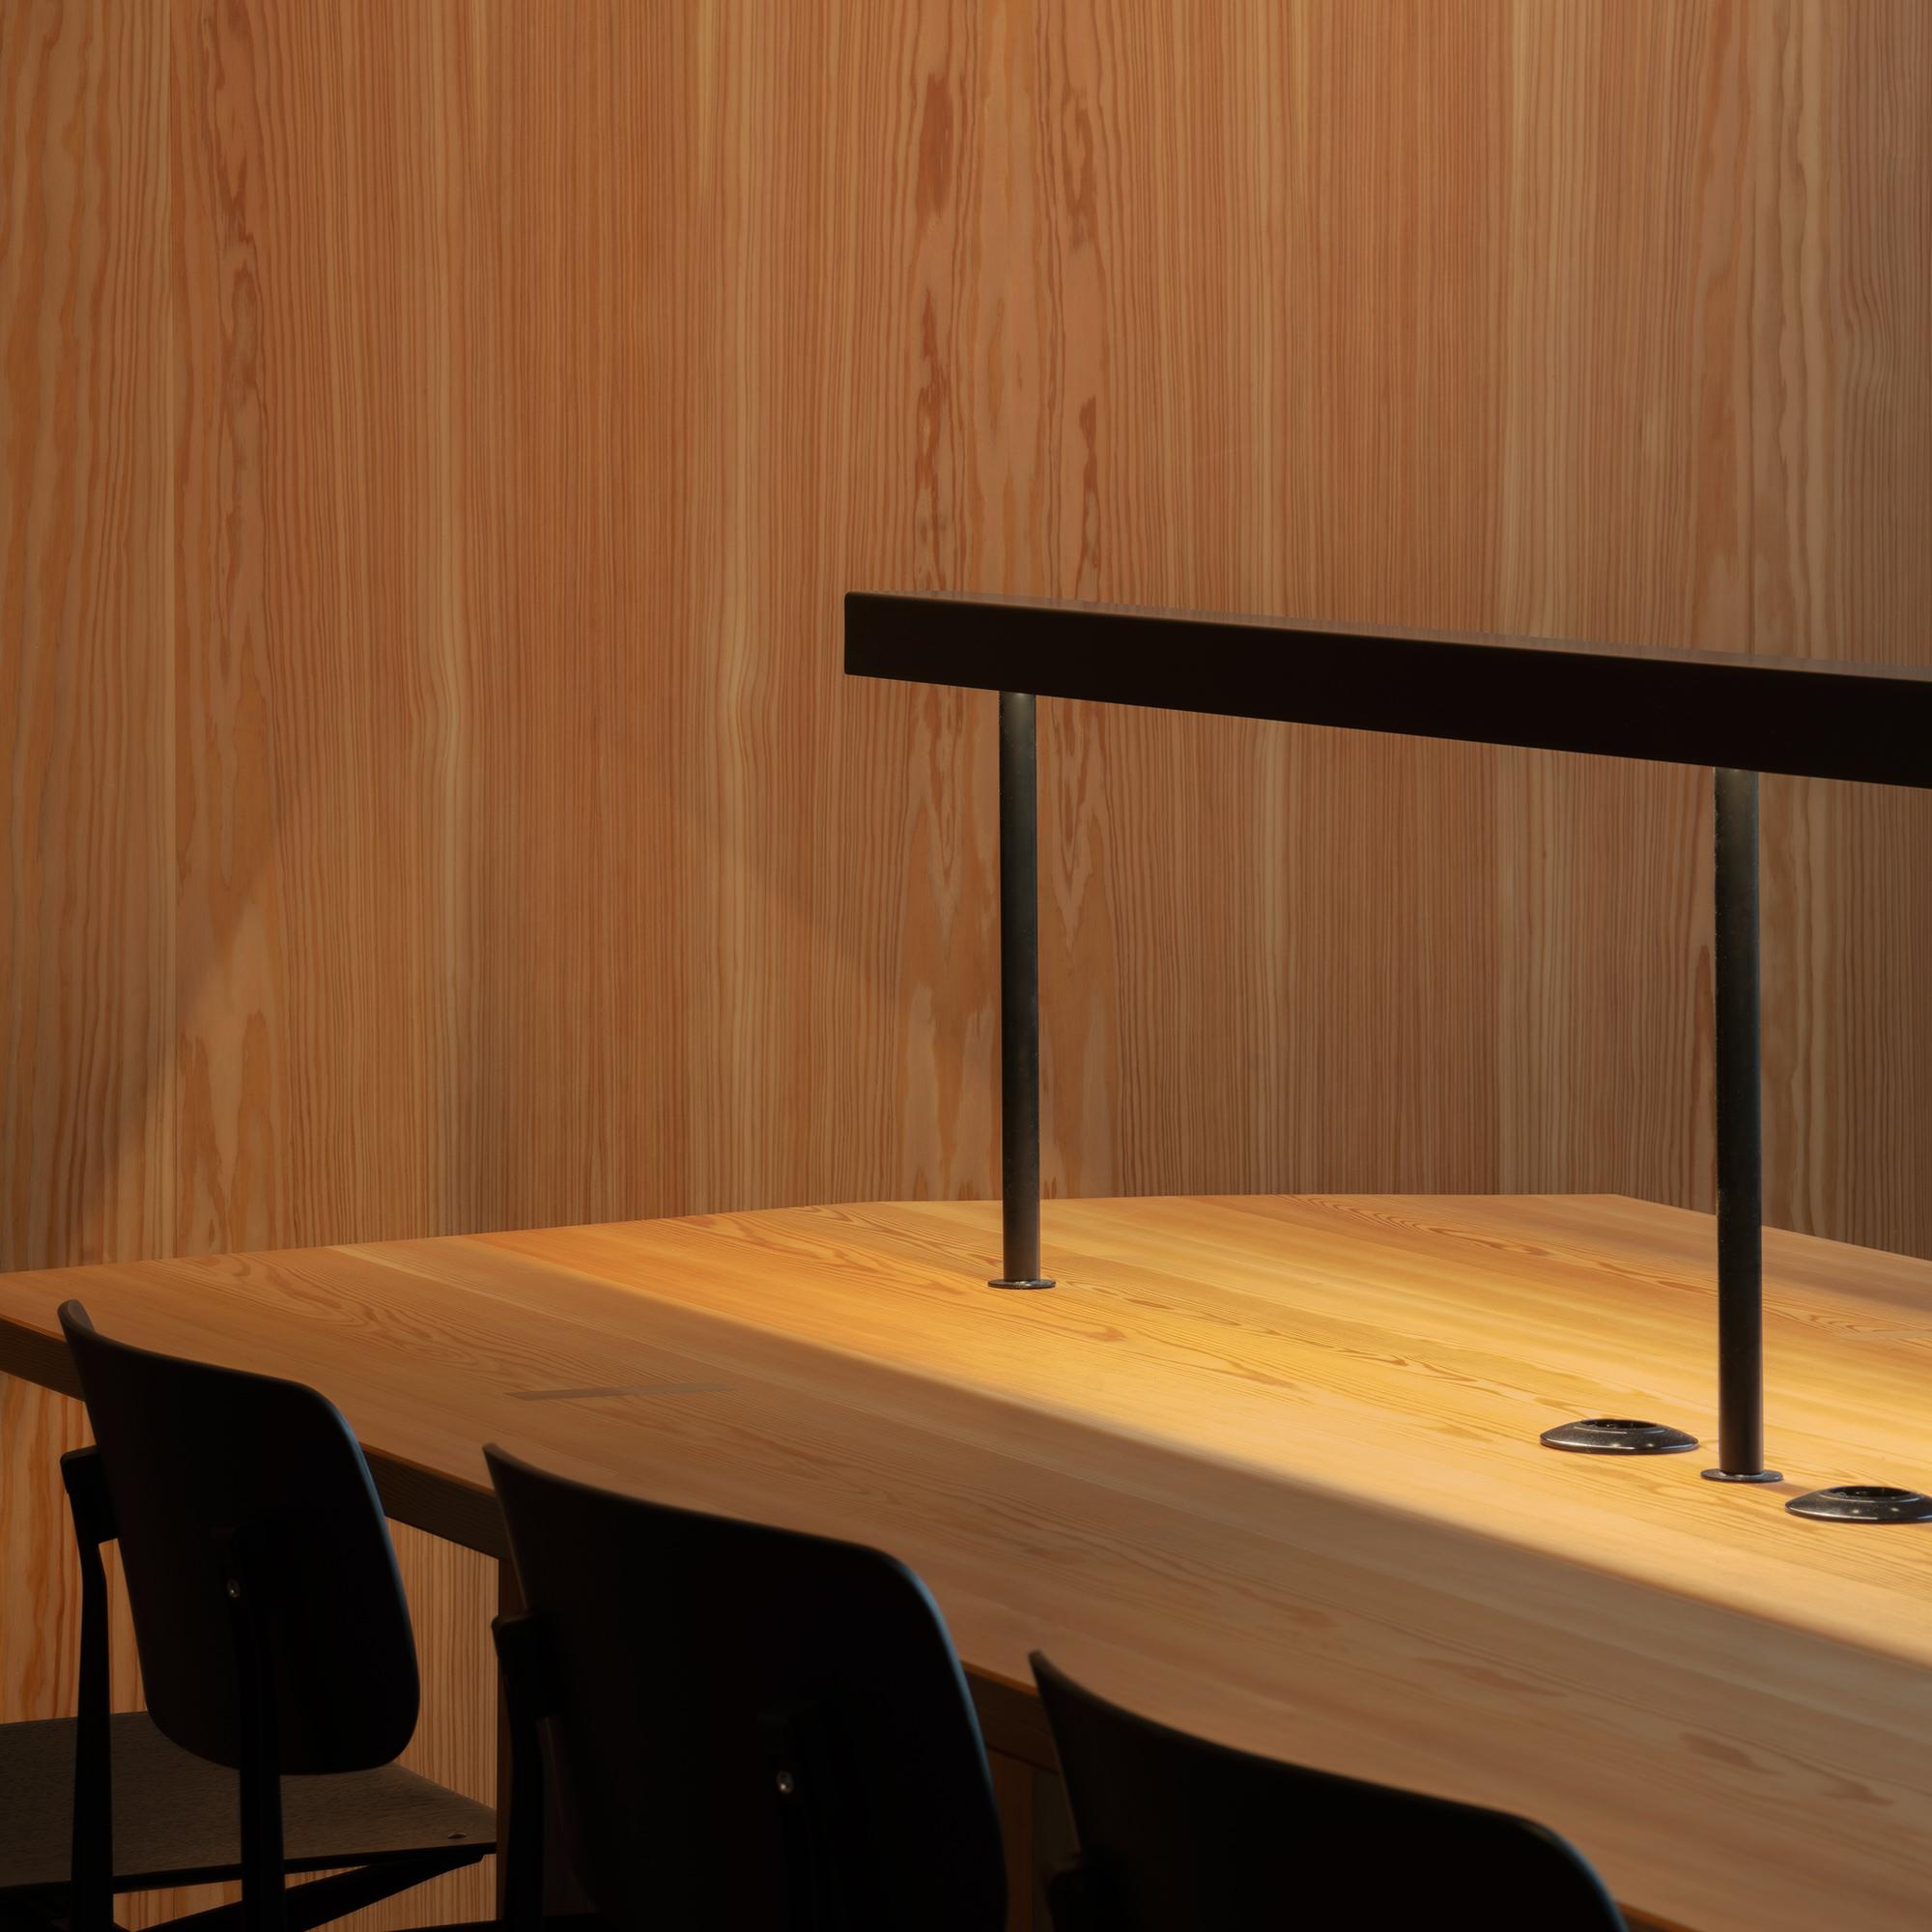 Konferenztische und Wandpaneele aus Lärchenholz